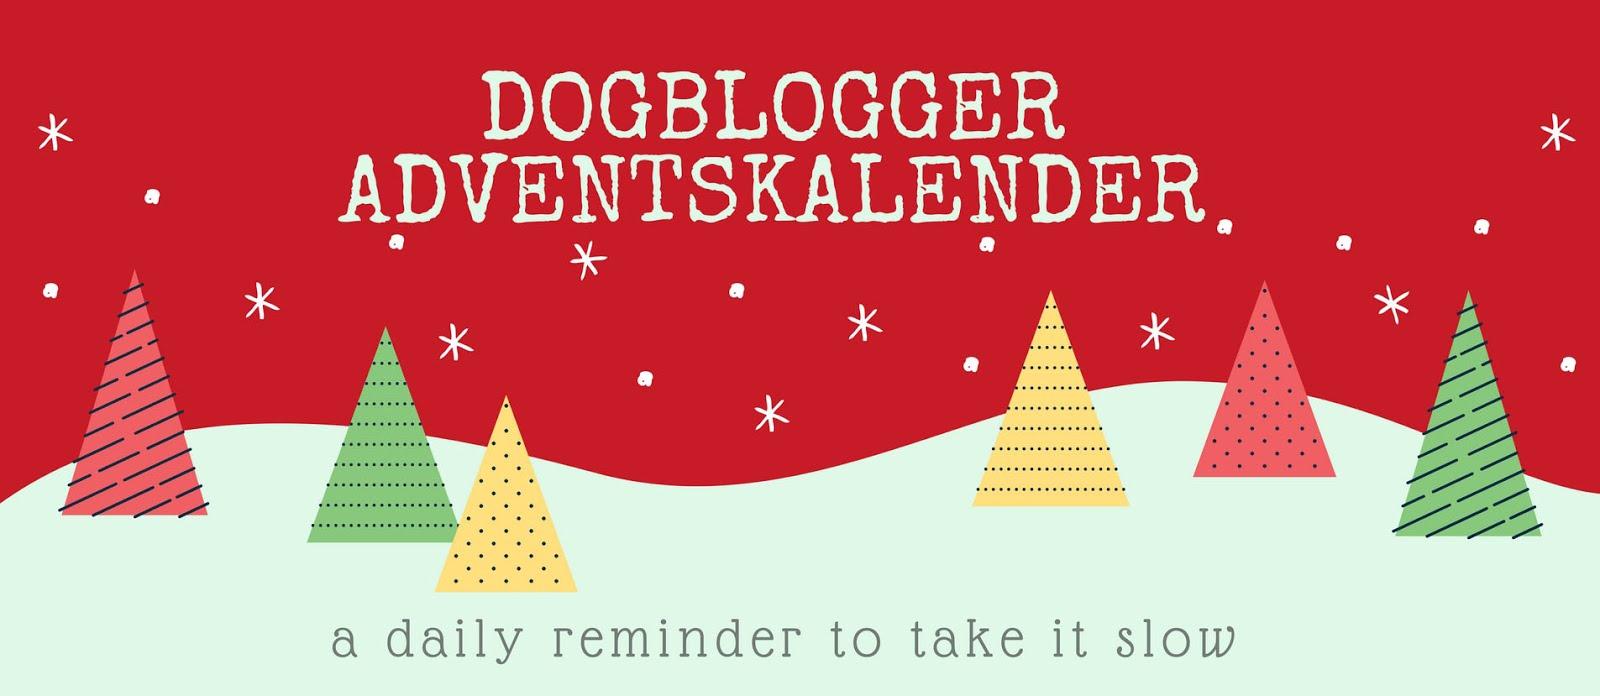 Dogblogger - Adventskalender